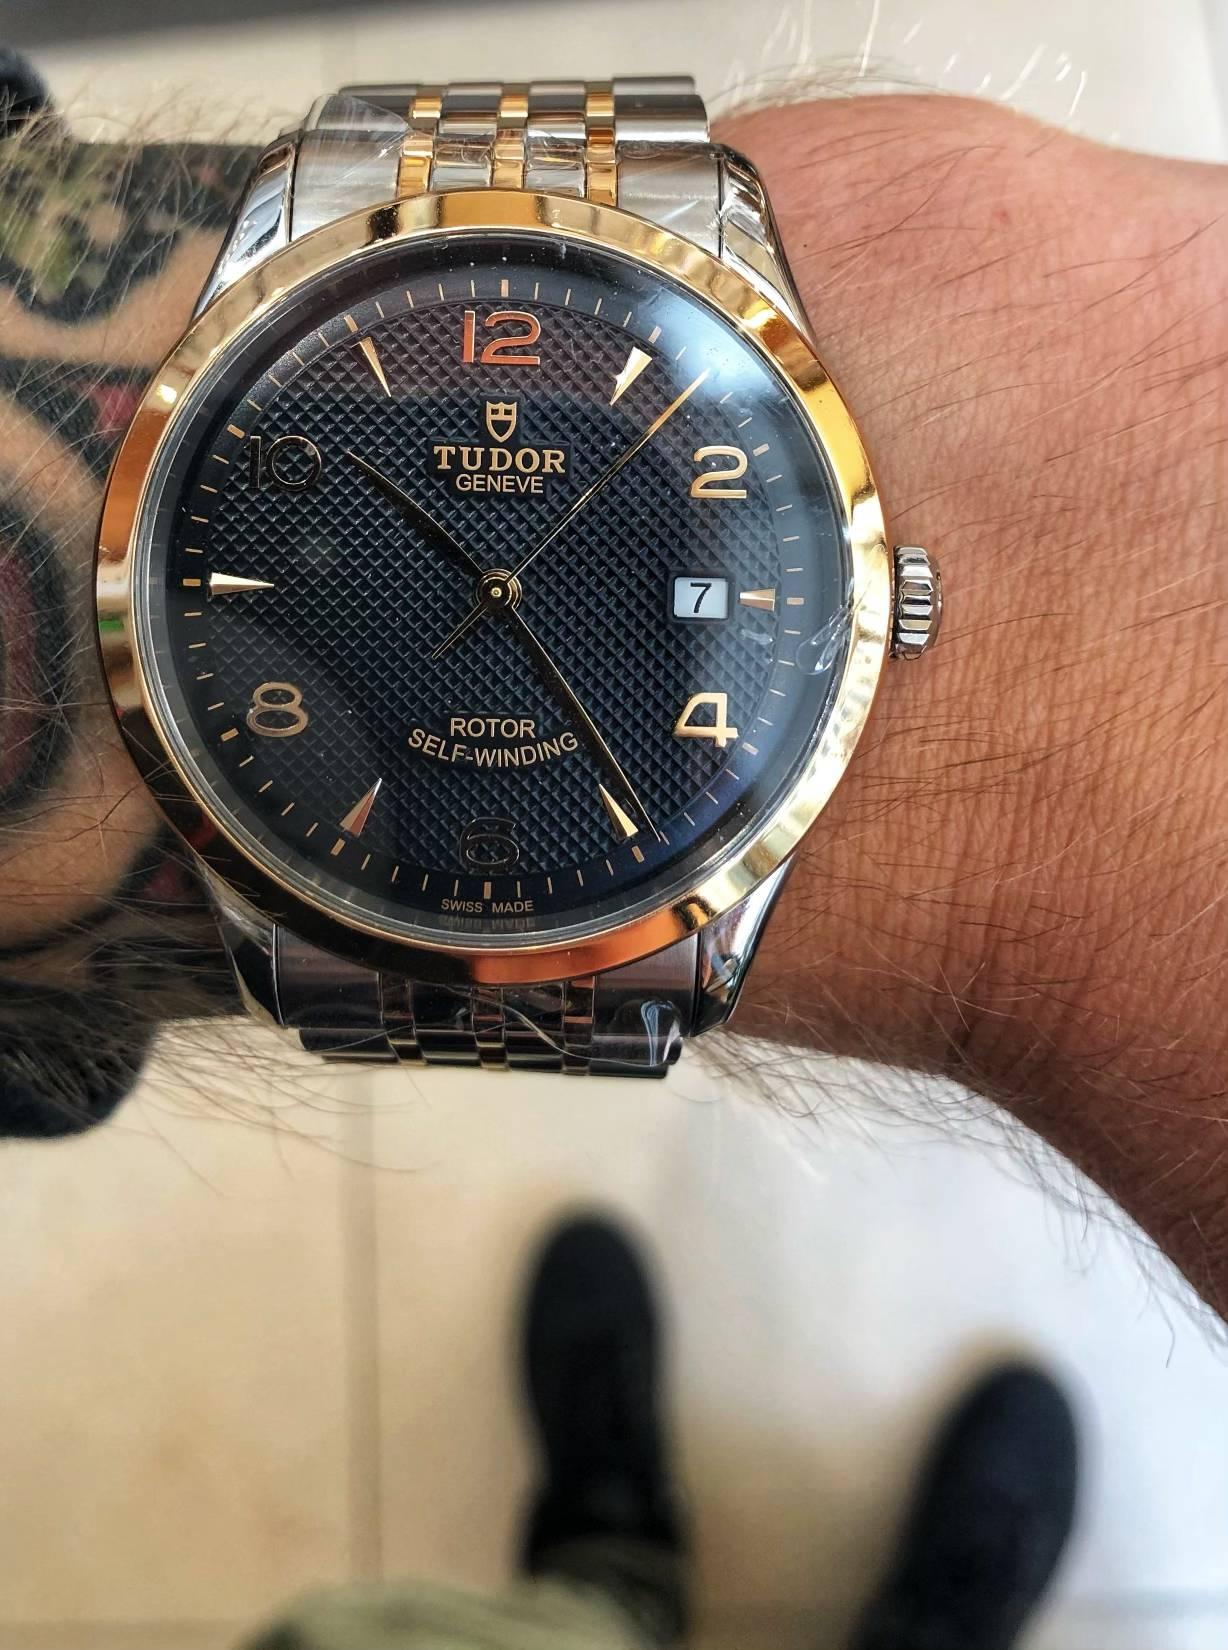 Tudor timepiece